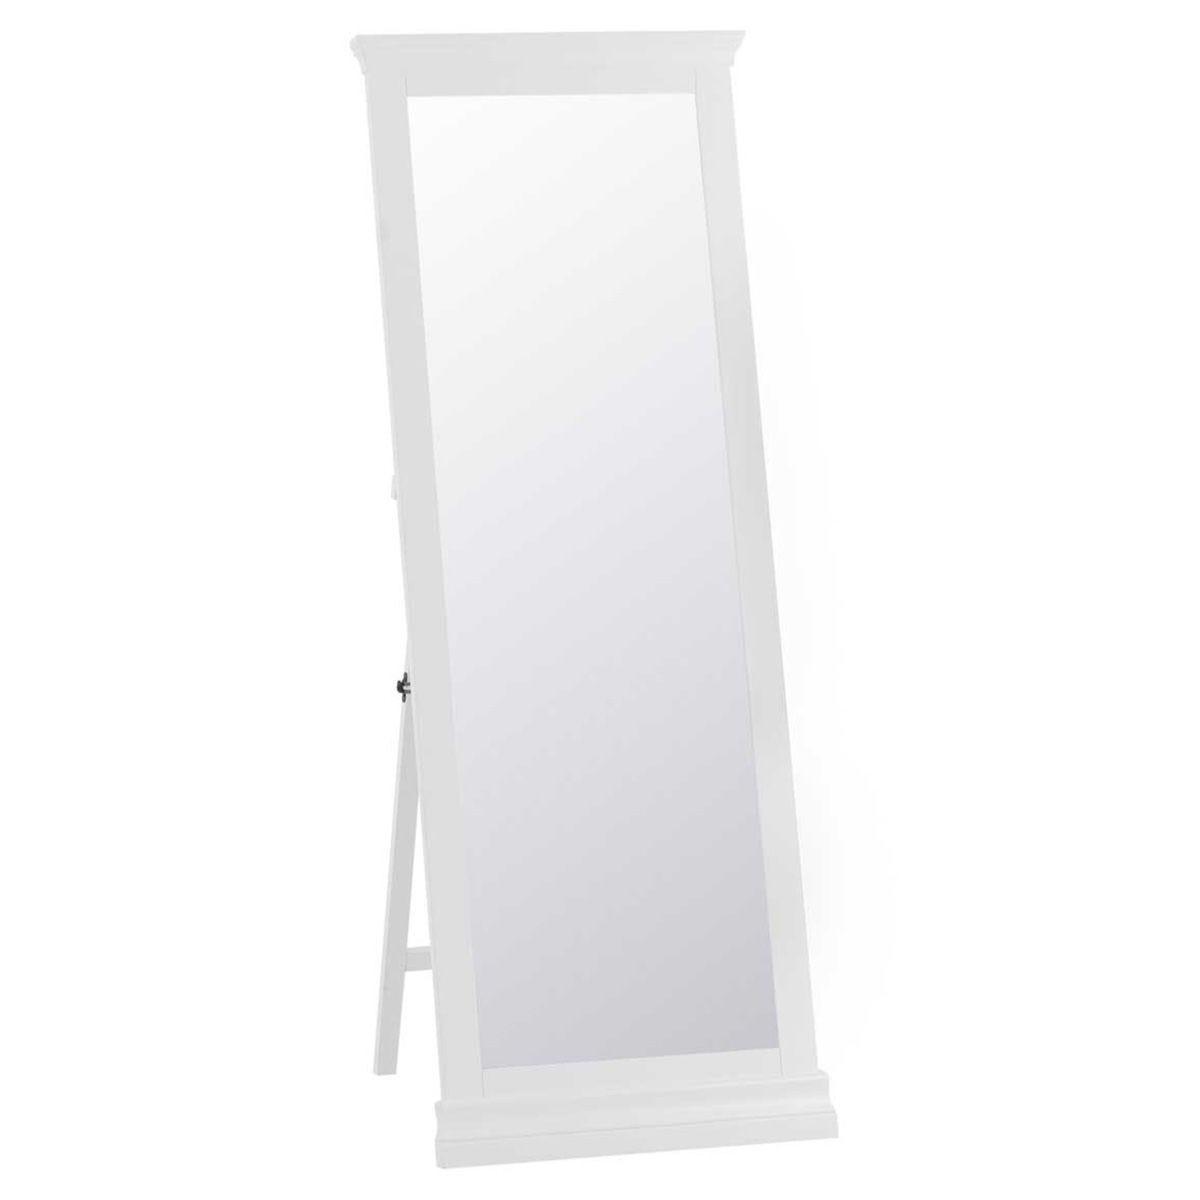 Sewla Cheval Full Length Mirror - White